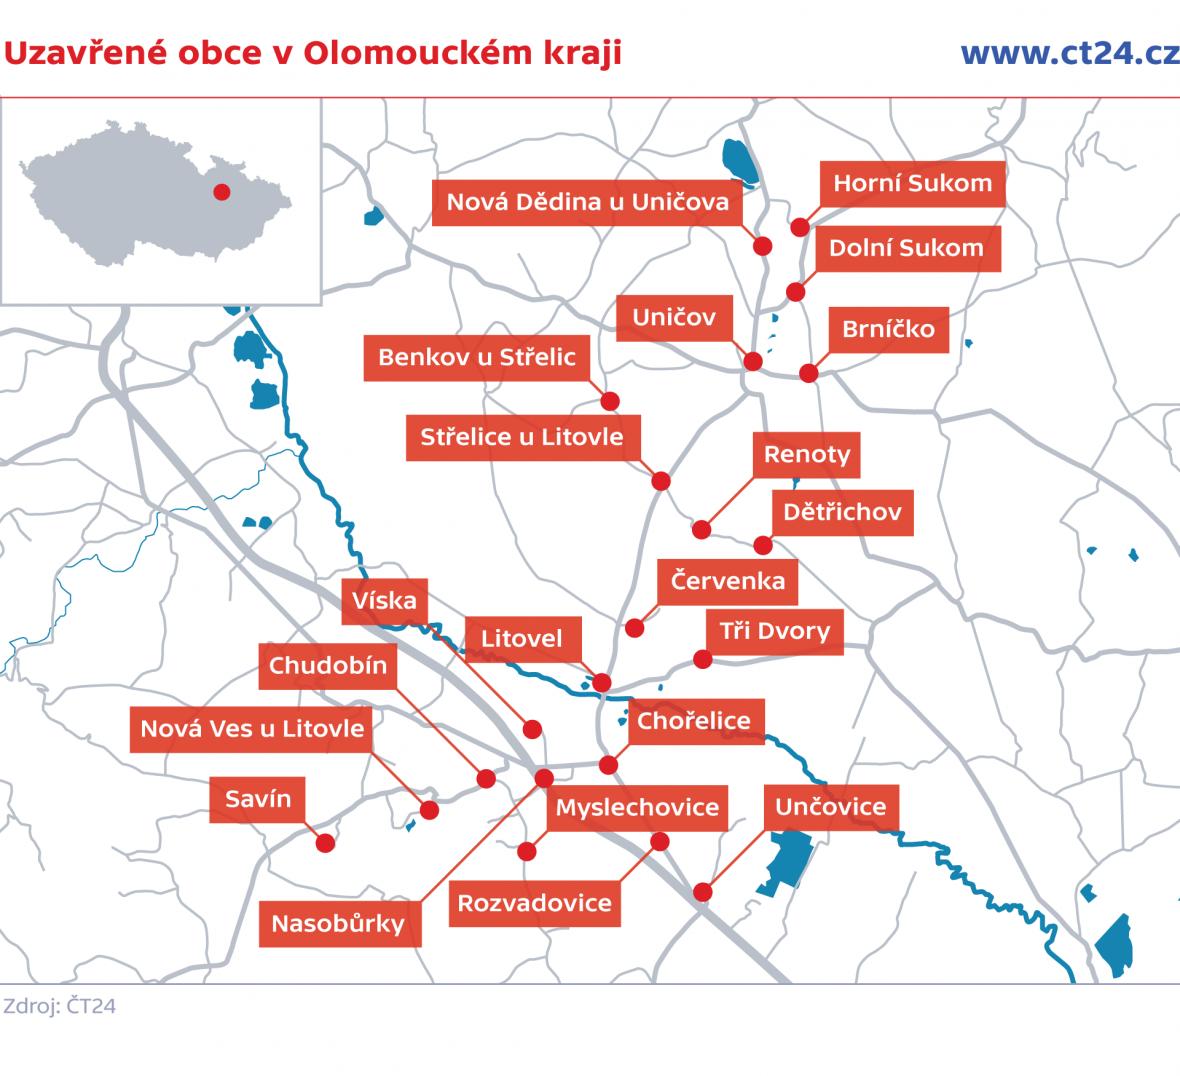 Uzavřené obce v ČR